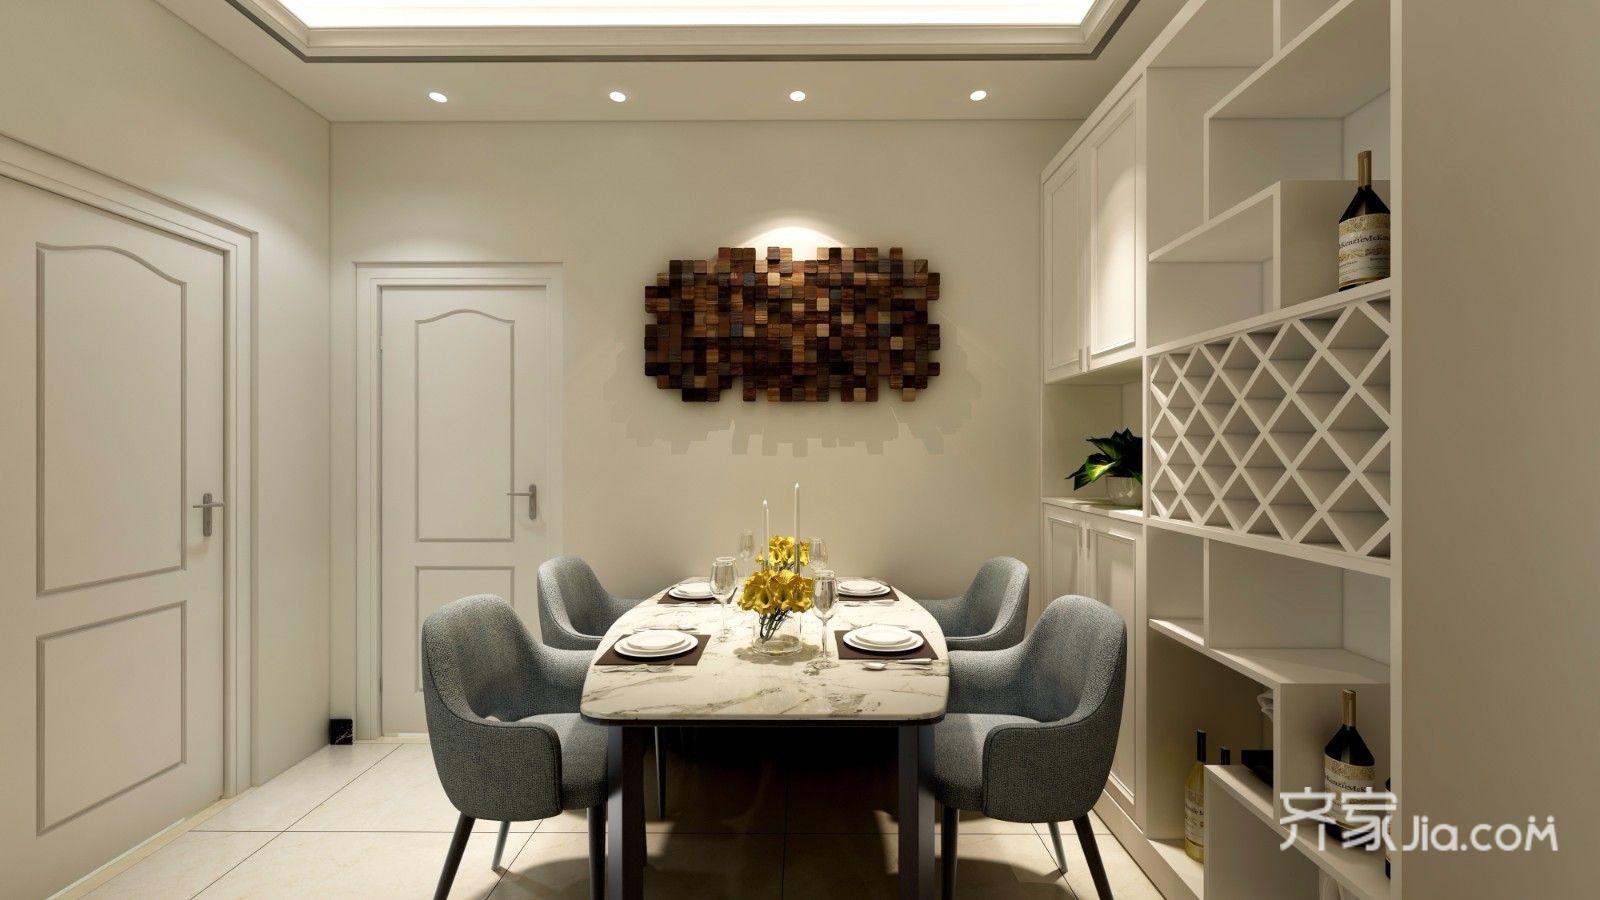 88平混搭风格二居餐厅背景墙装修设计图